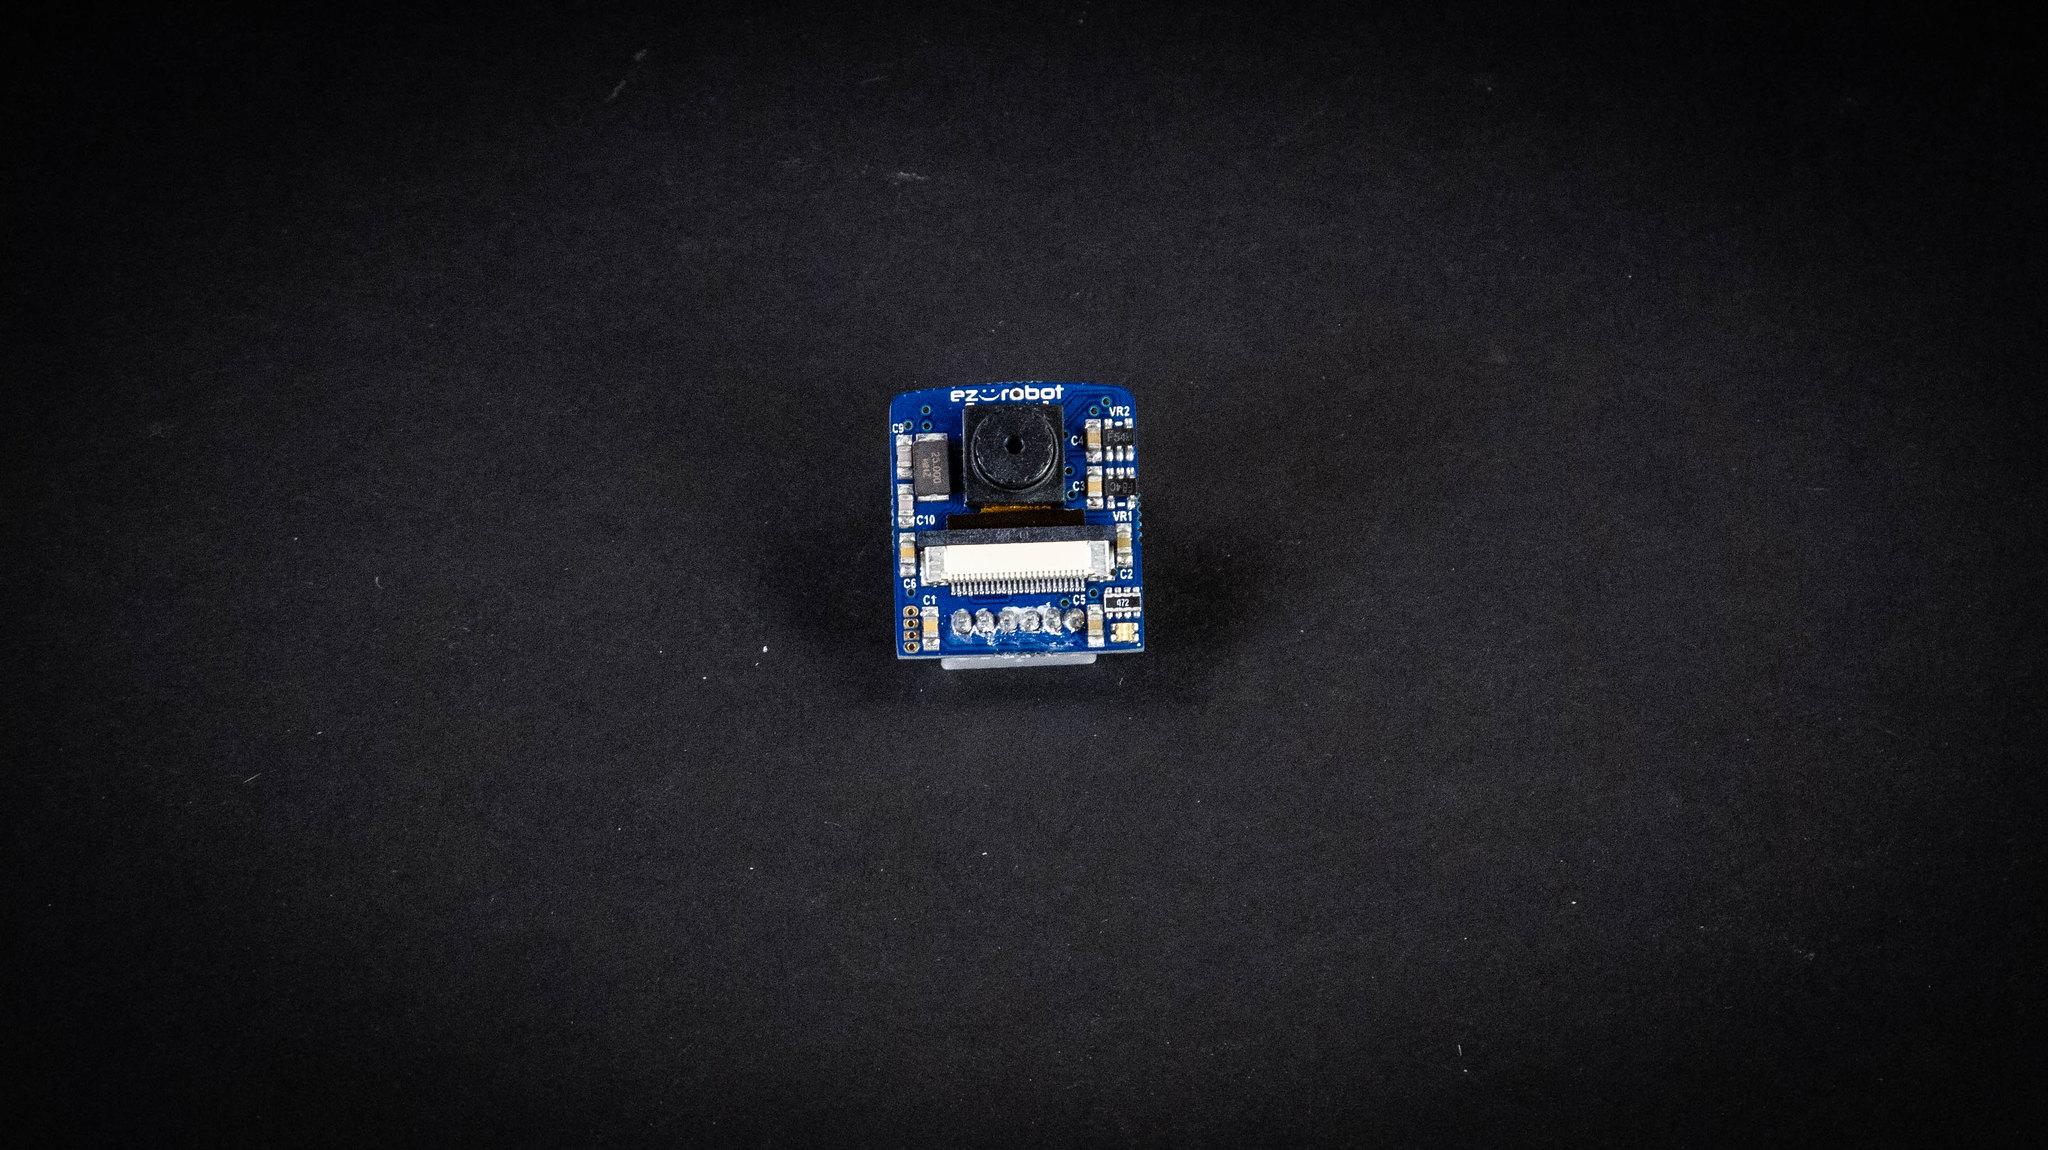 EZ-Bv4 Camera